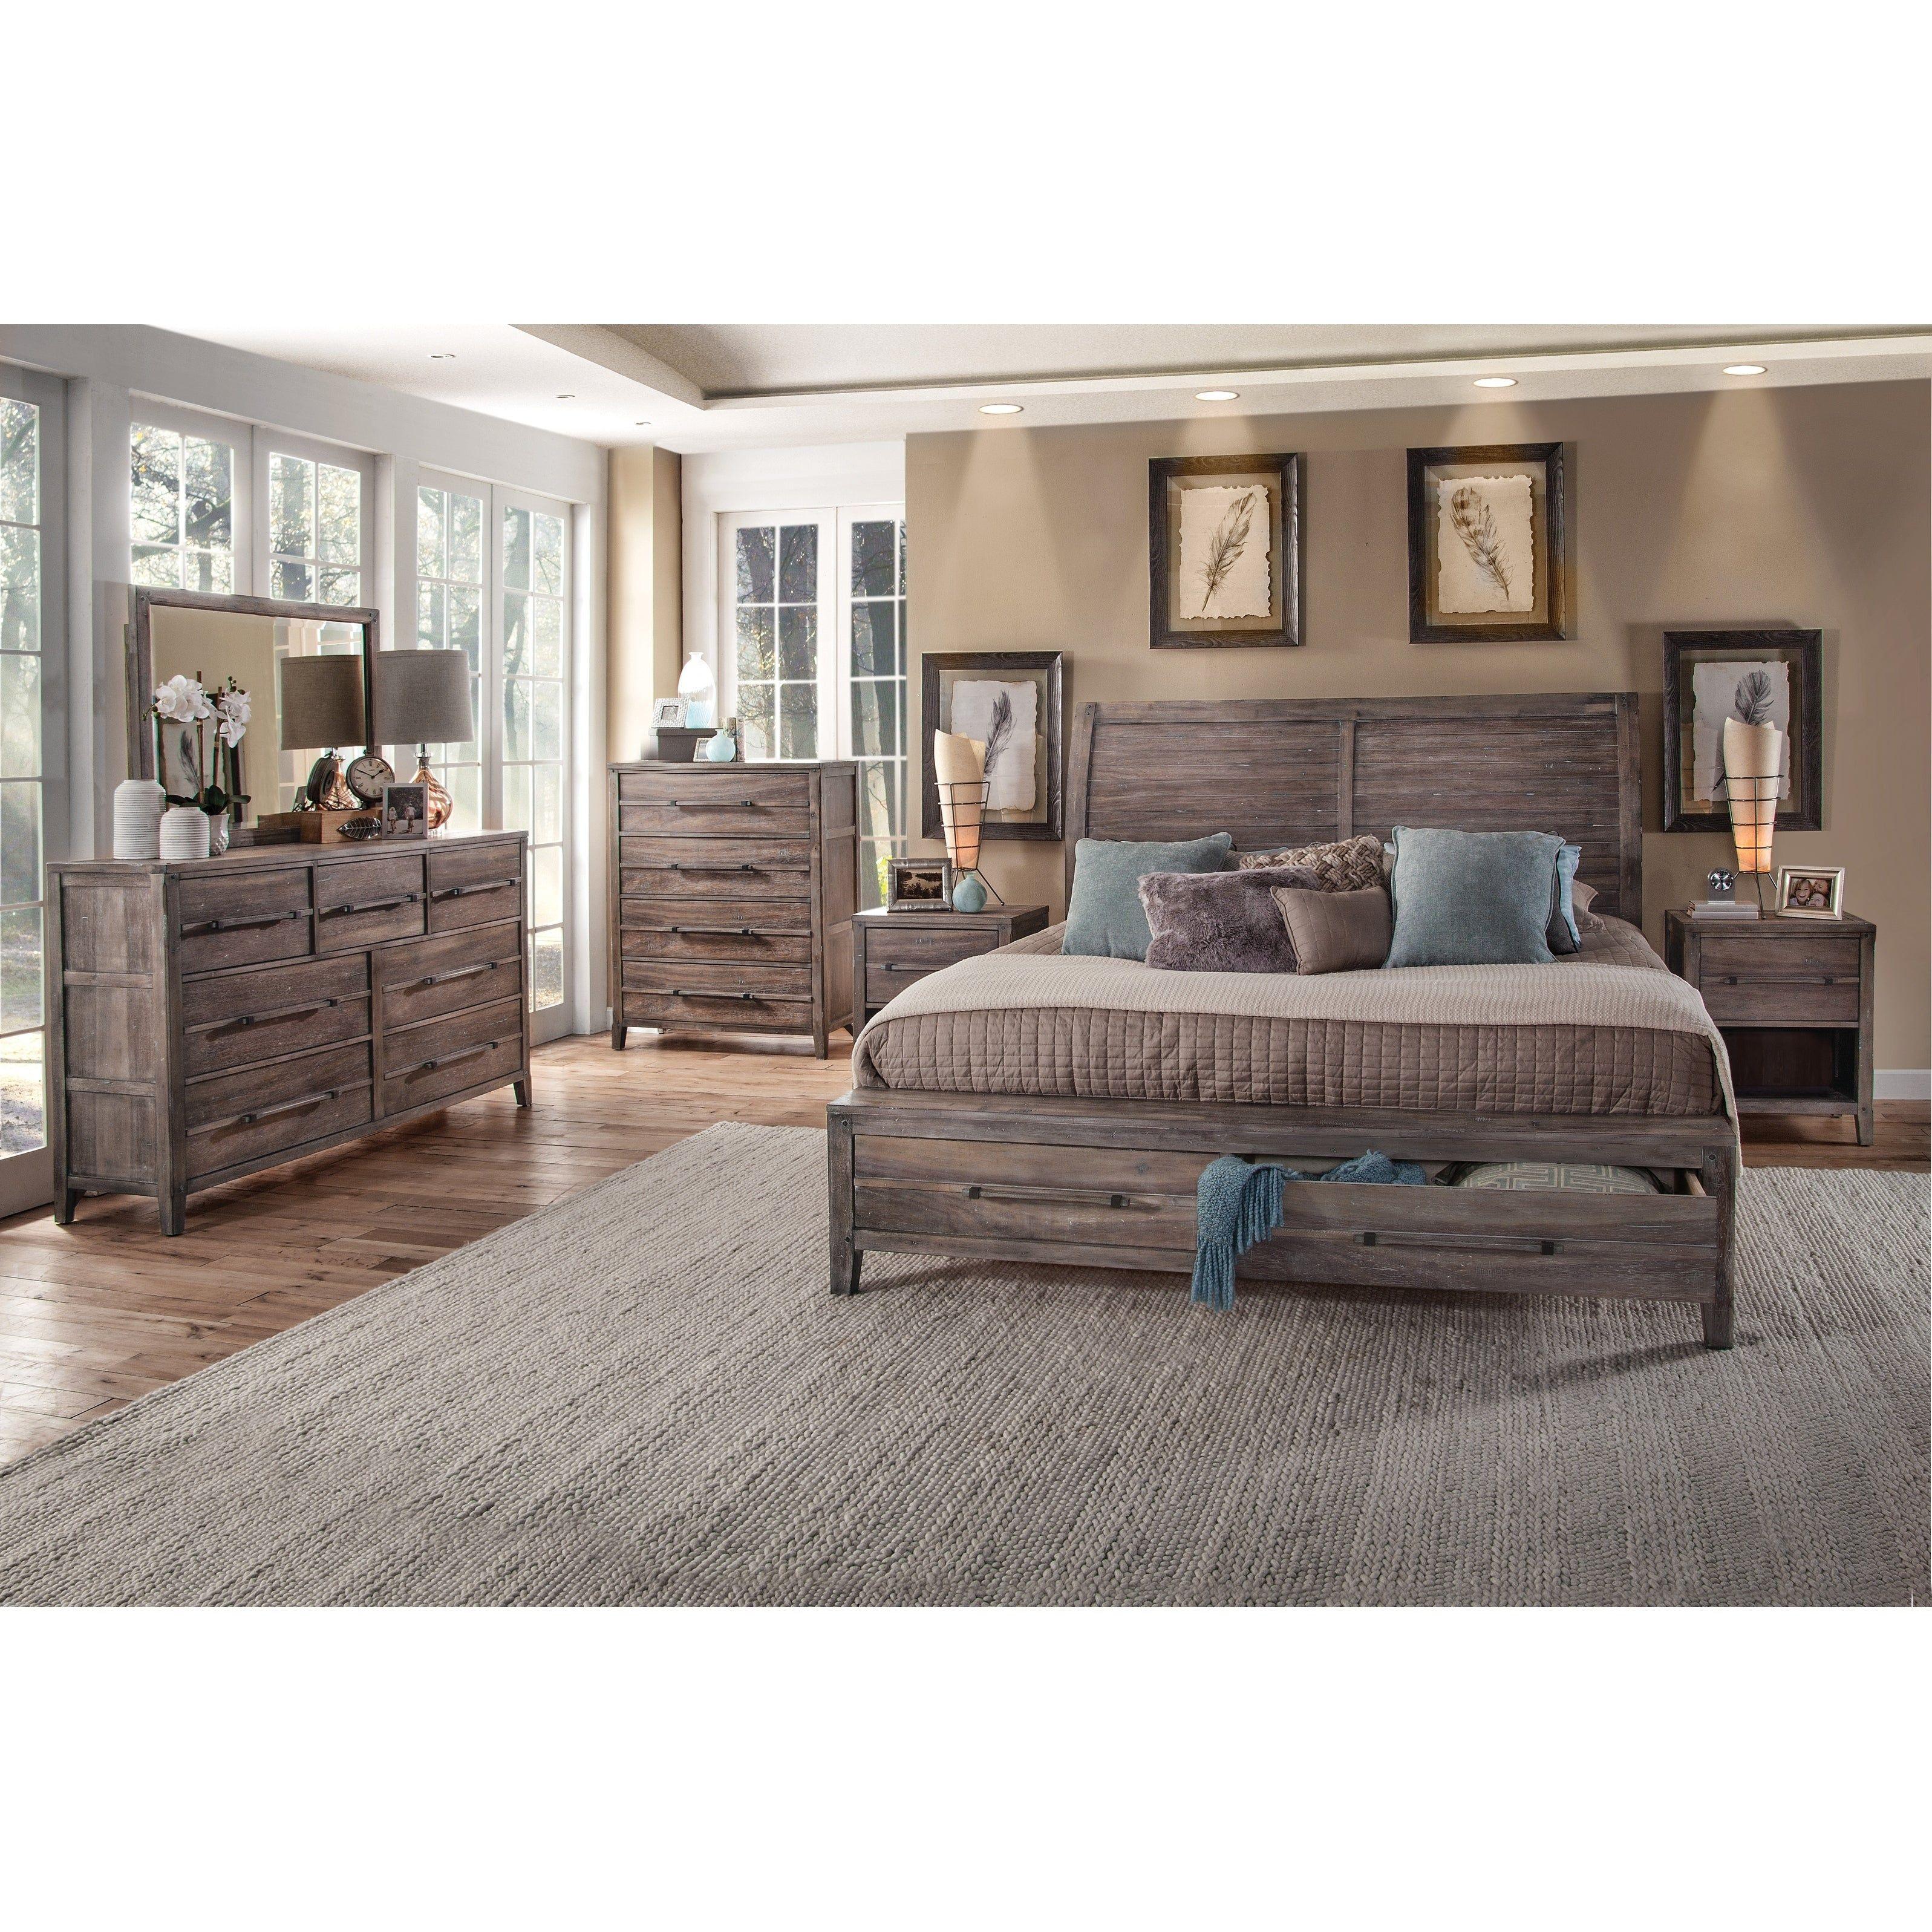 Asher 6 Piece Bedroom Set King Whitewashed Beige Greyson Living In 2020 King Bedroom Sets Bedroom Sets Bedroom Furniture Sets